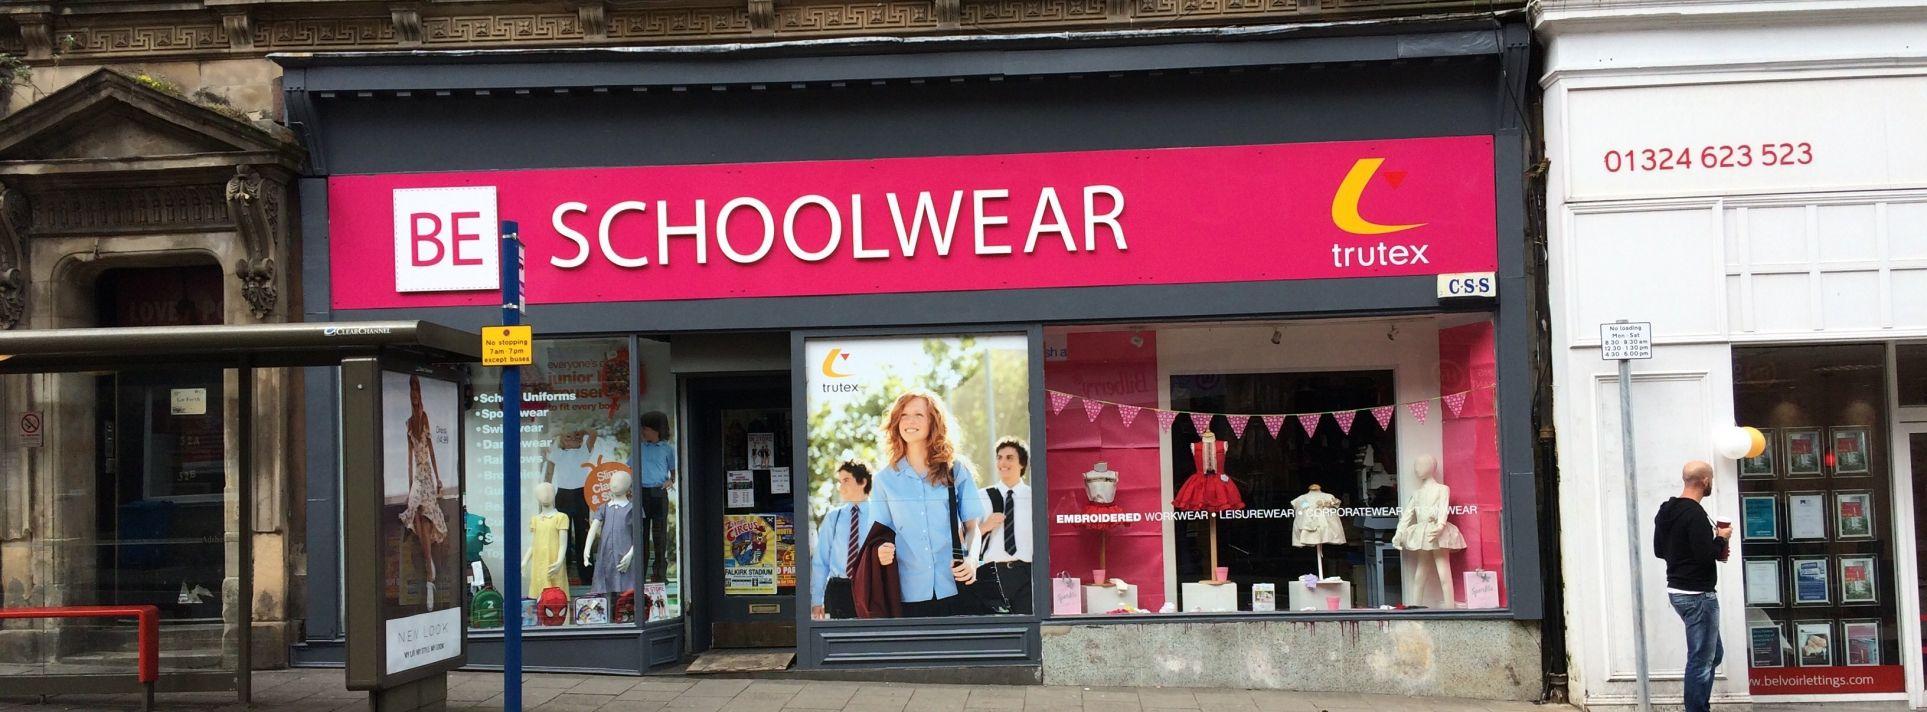 BE Schoolwear Falkirk